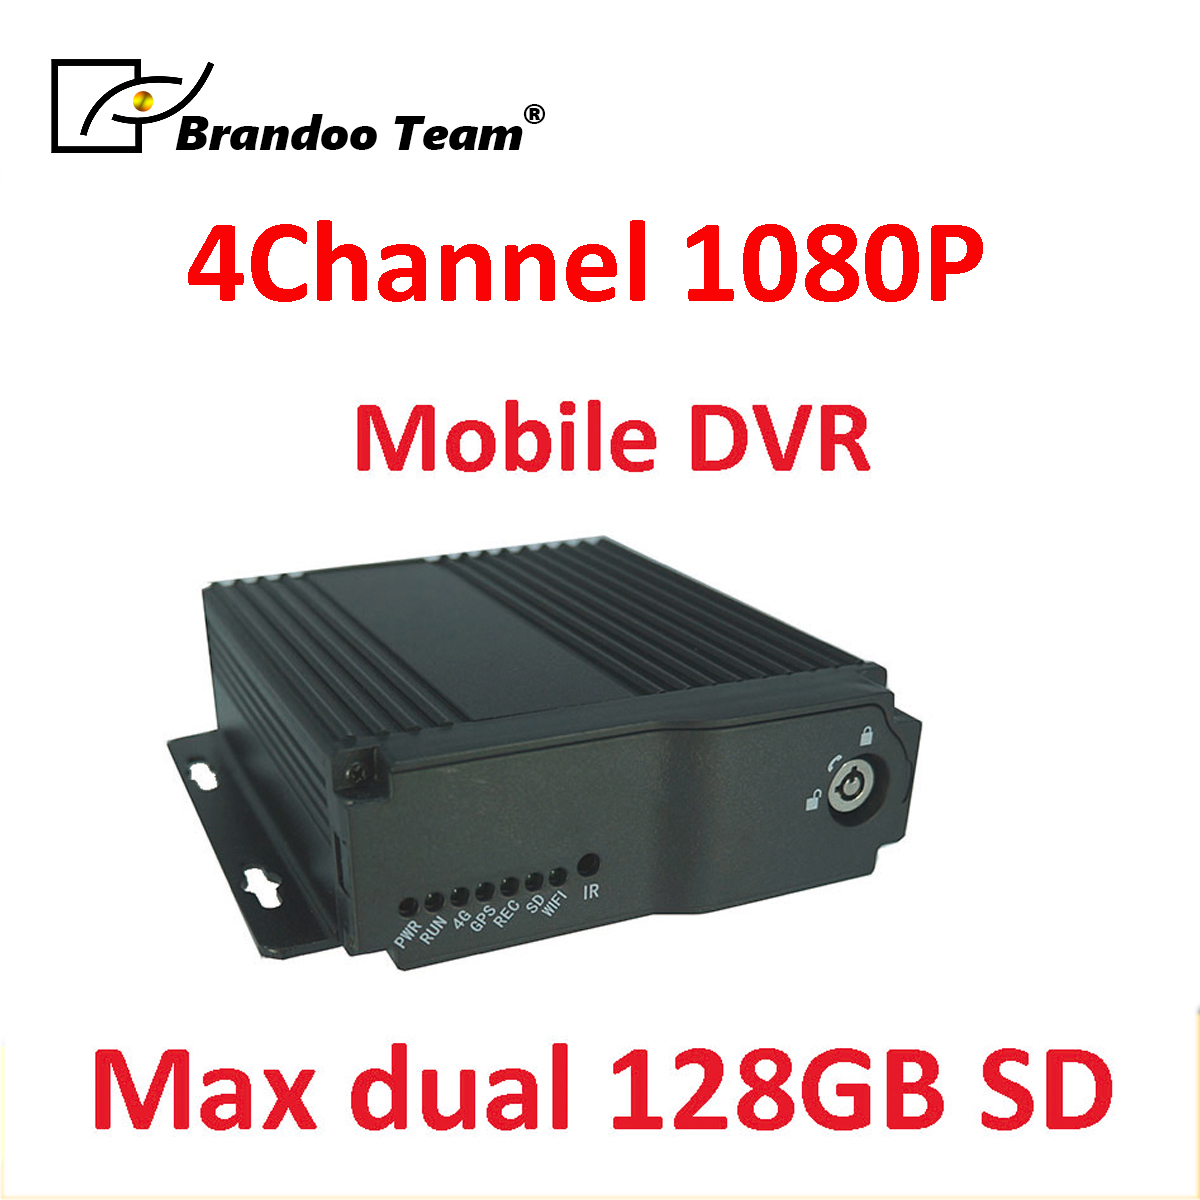 4CH AHD DVR CARRO móvel para ônibus caminhão tanque van caminhão de táxi DVR gravador de vídeo digital, 4 canal dvr gravador de bloco registradores